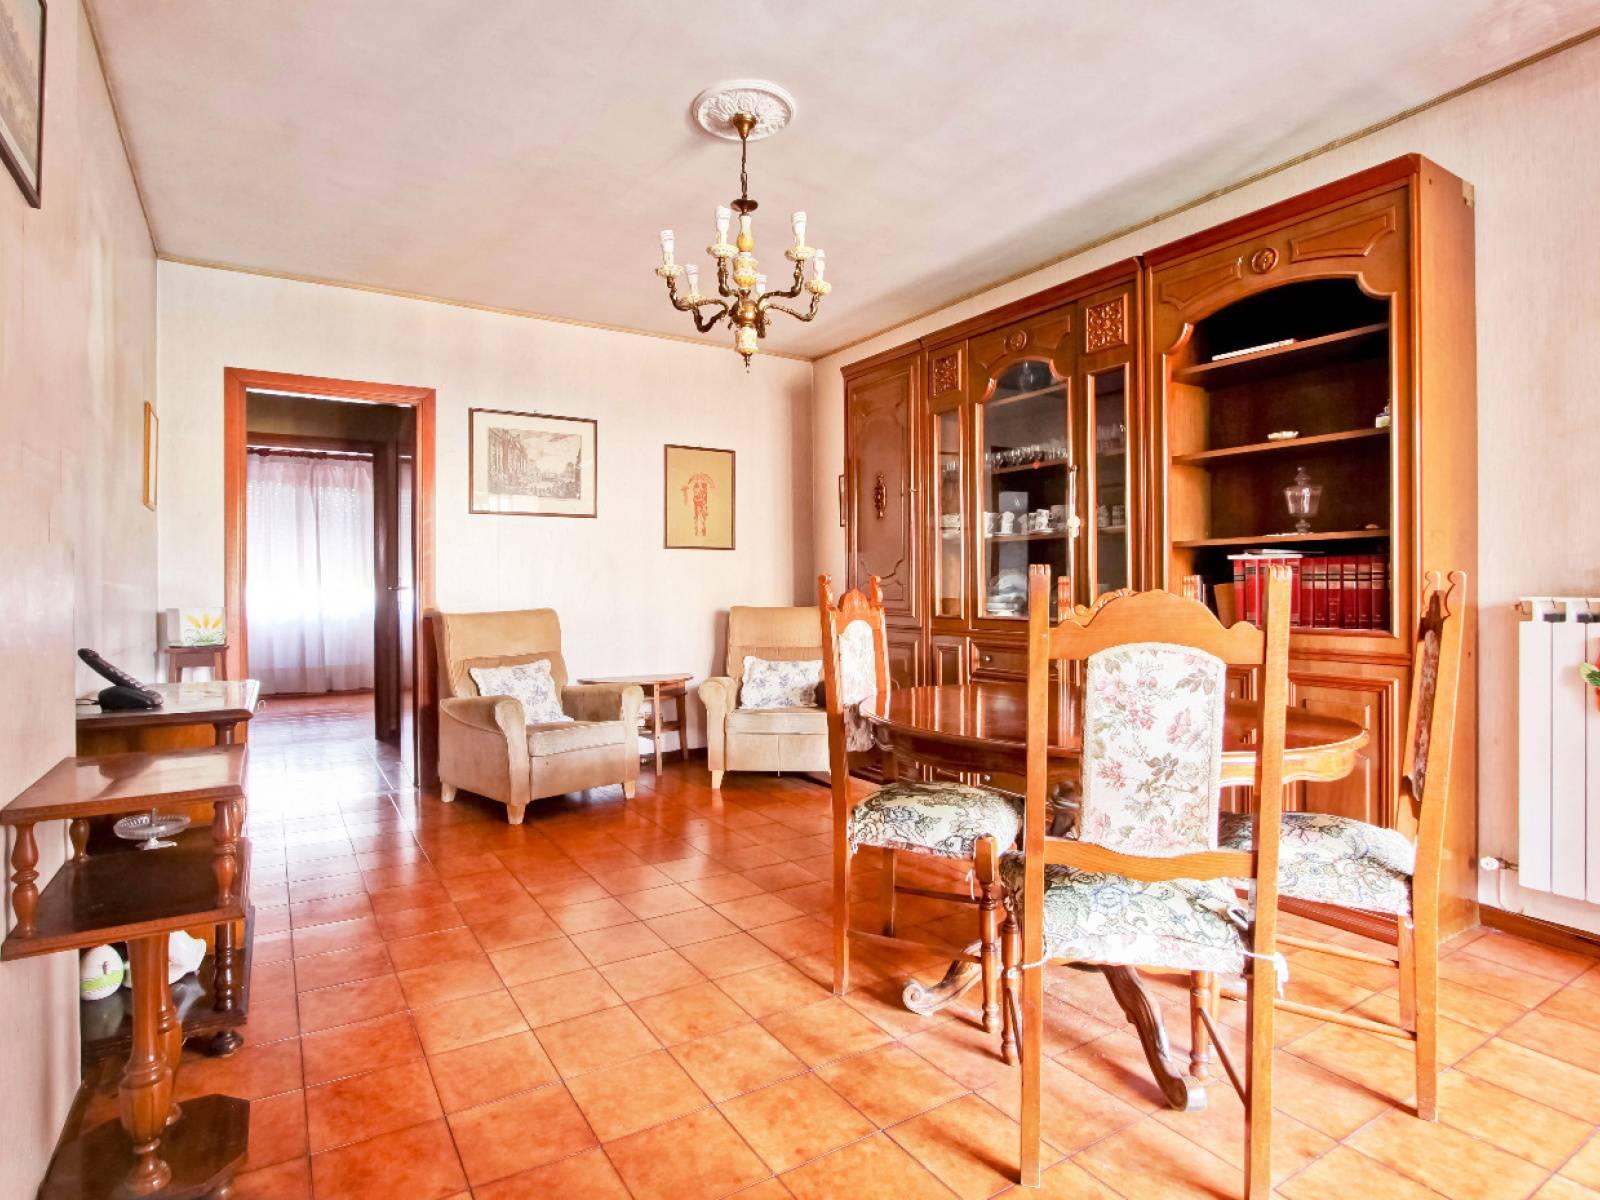 1118420630 Trilocale in Via Sergio Tofano, Roma, Zona Vigne nuove